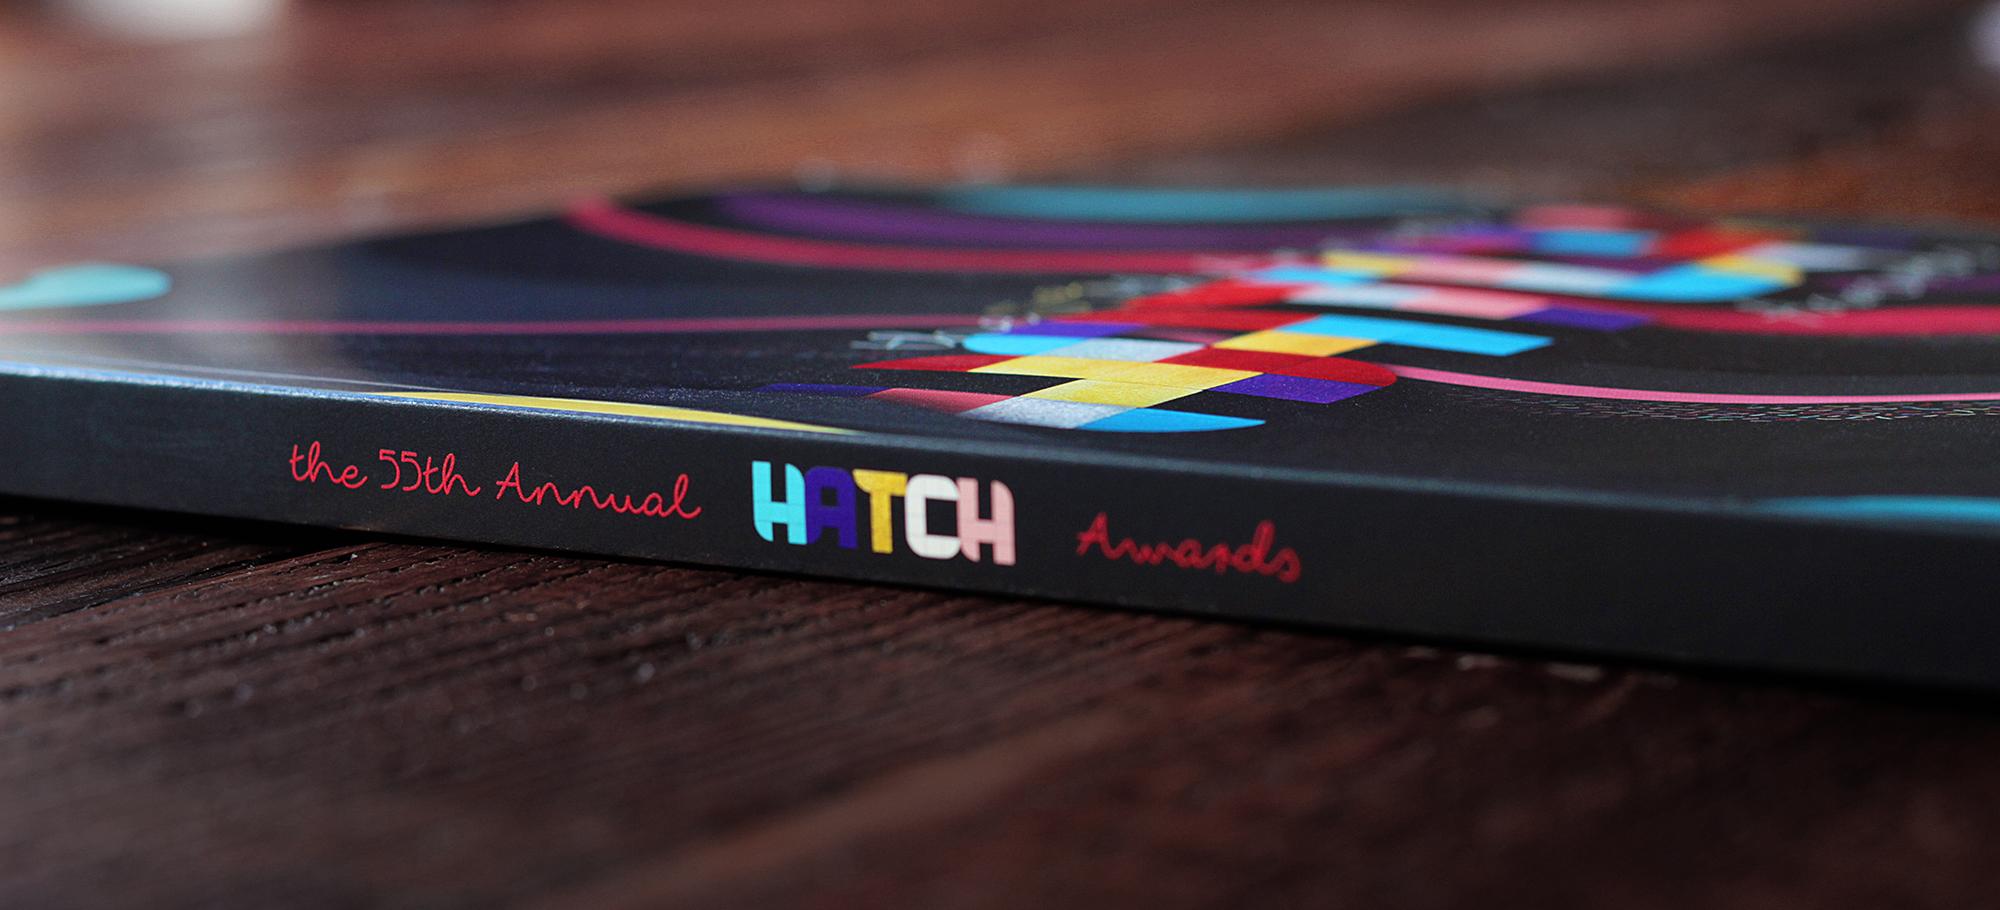 Spine of Award Show Catalog Book